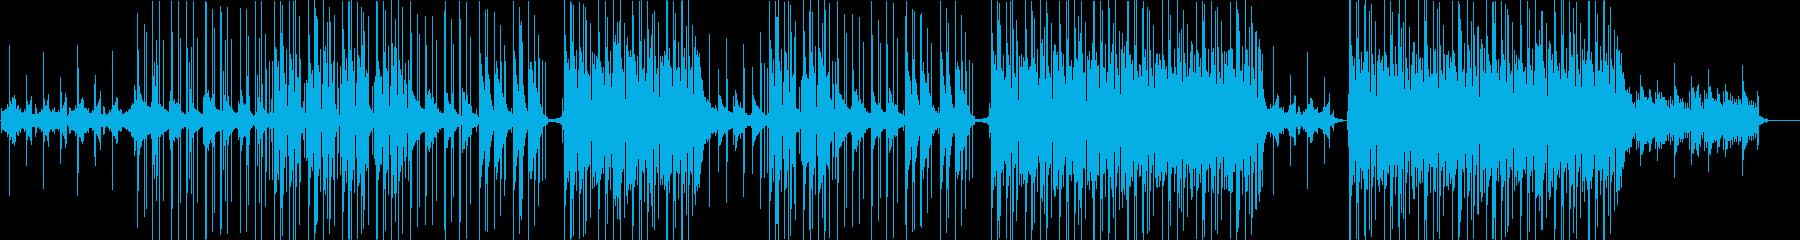 トレンドHIPHOP,Trapの再生済みの波形